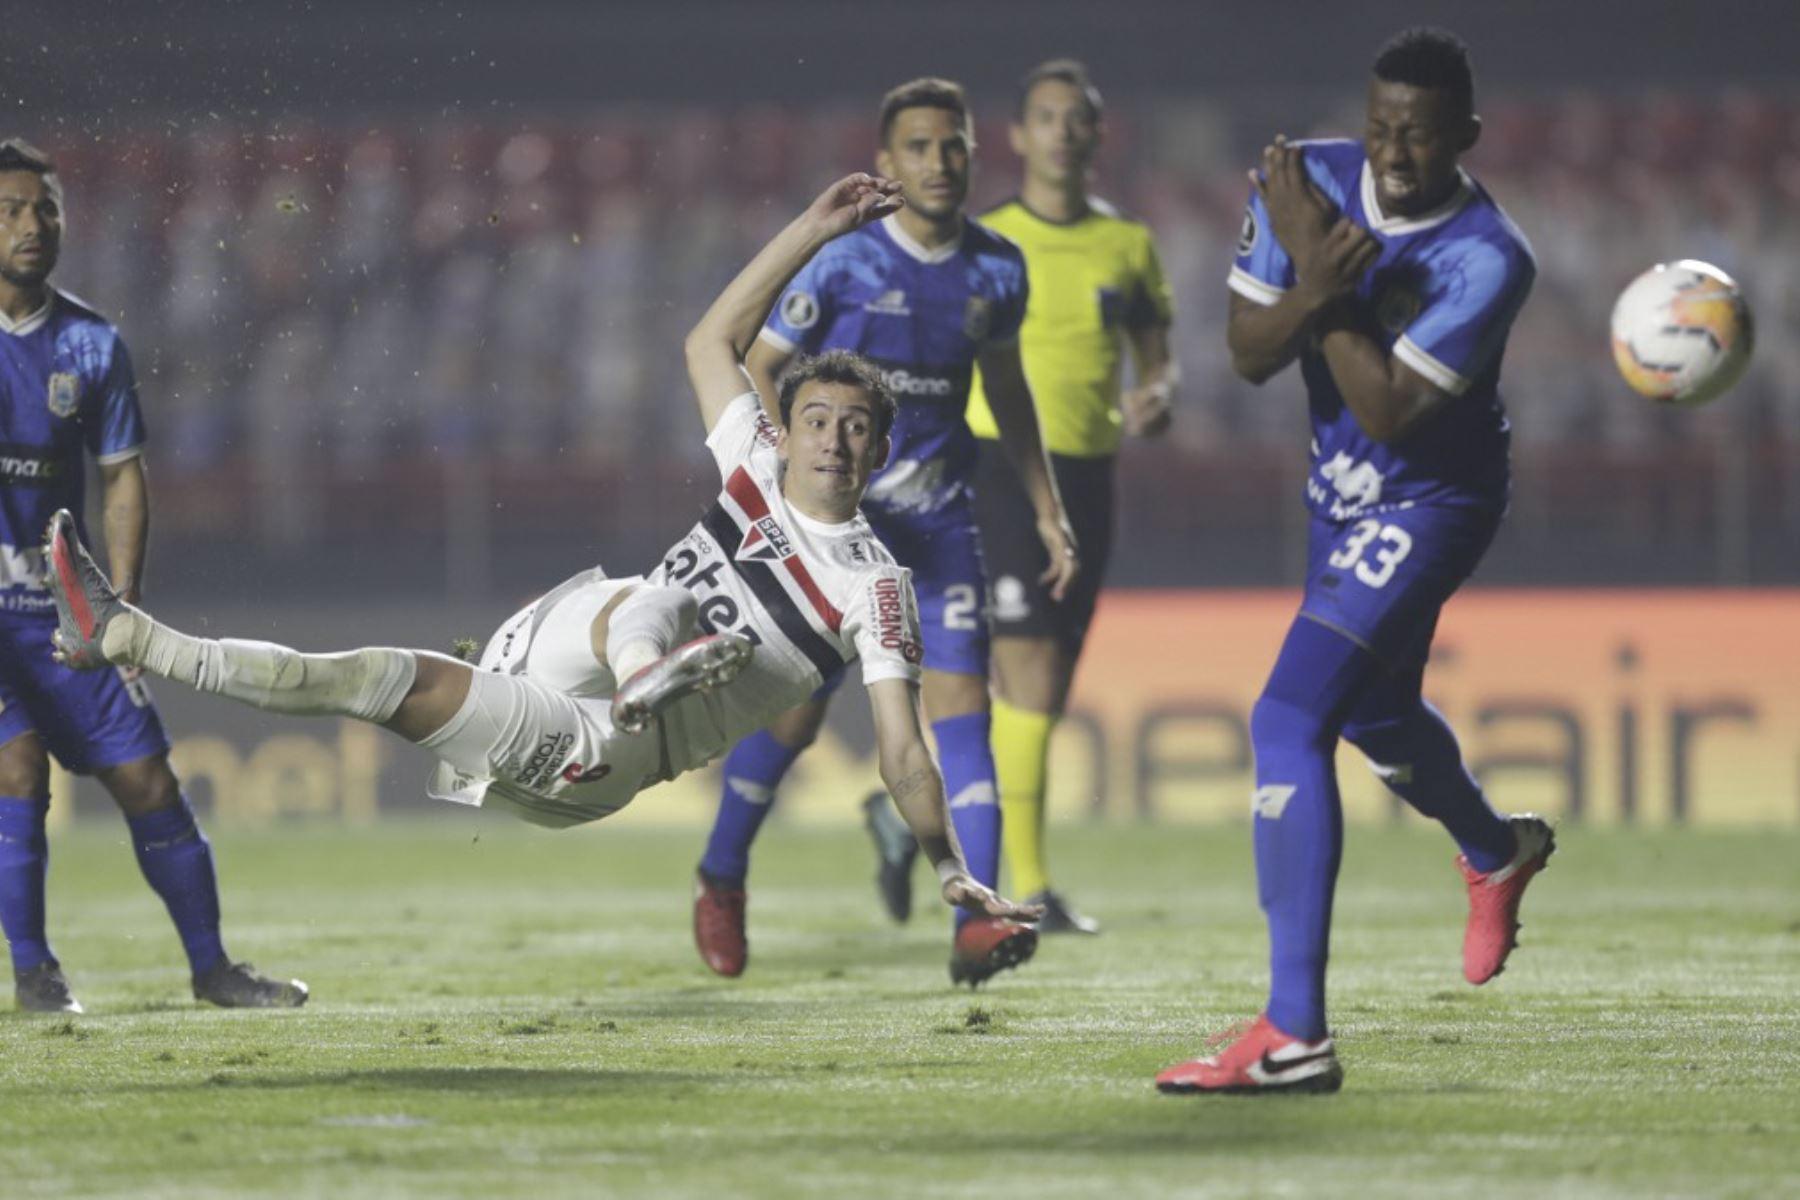 El delantero brasileño de Sao Paulo Pablo anota contra la Binacional de Perú durante su partido de fútbol a puerta cerrada en la fase de grupos de la Copa Libertadores en el estadio Morumbi en Sao Paulo, Brasil. Foto: AFP